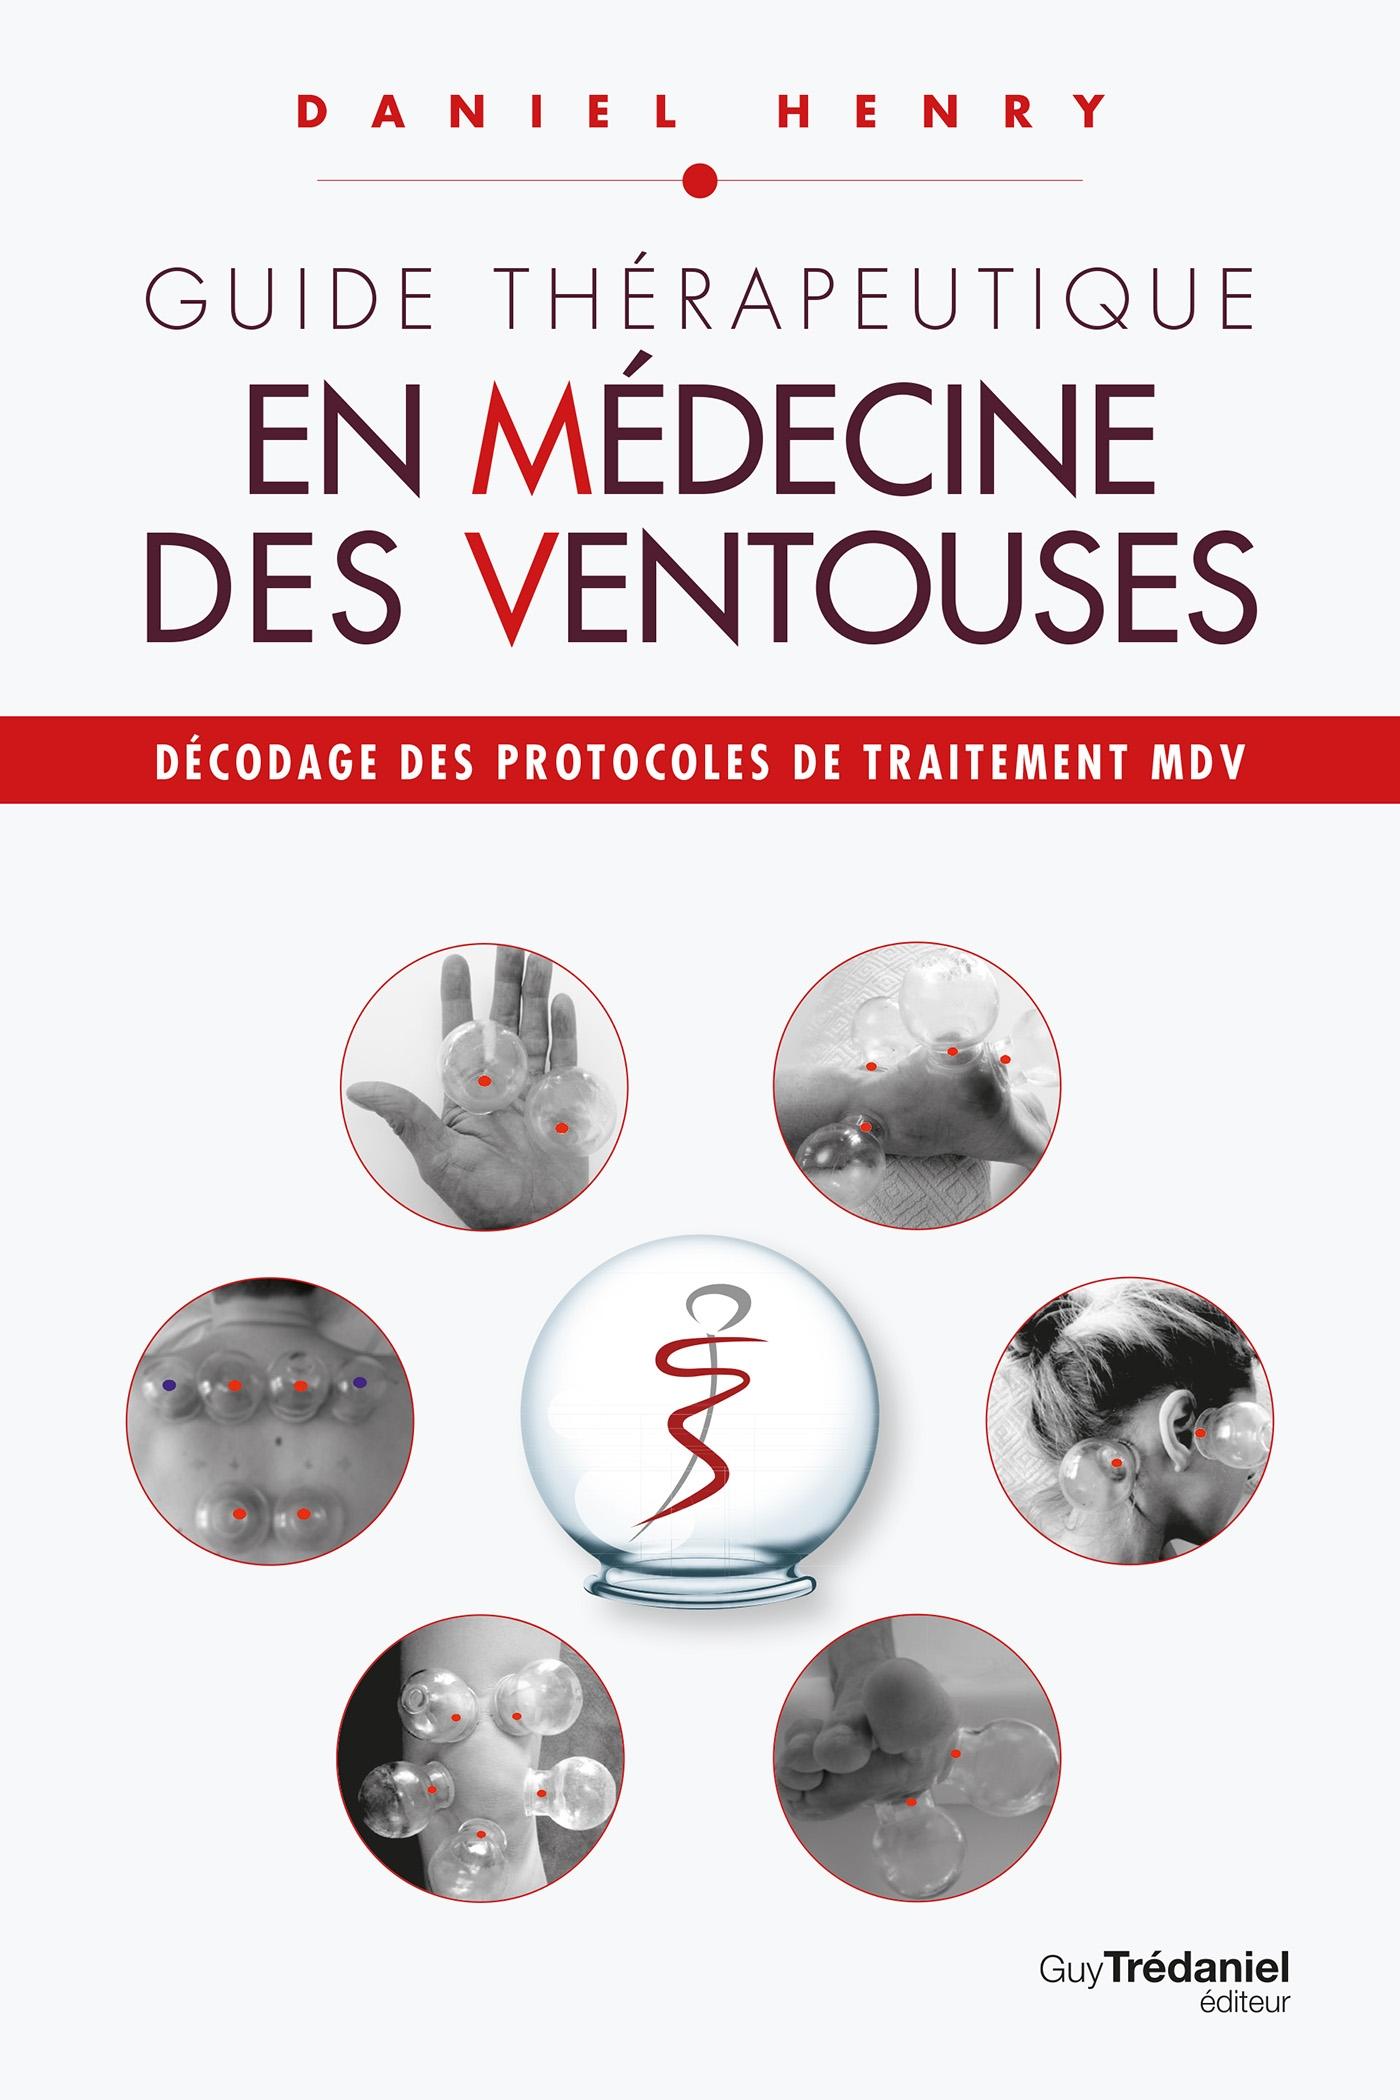 Guide thérapeutique en médecine des ventouses